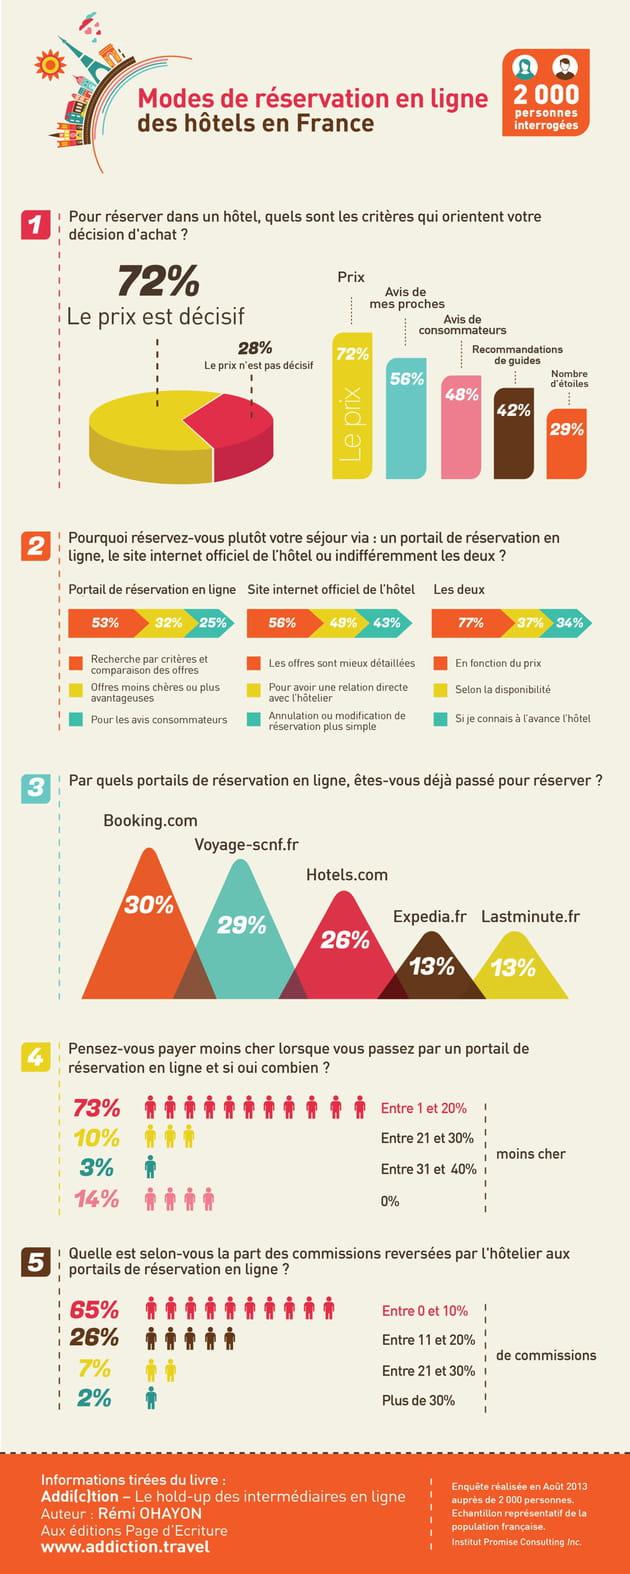 infographie etude consommateur 1000